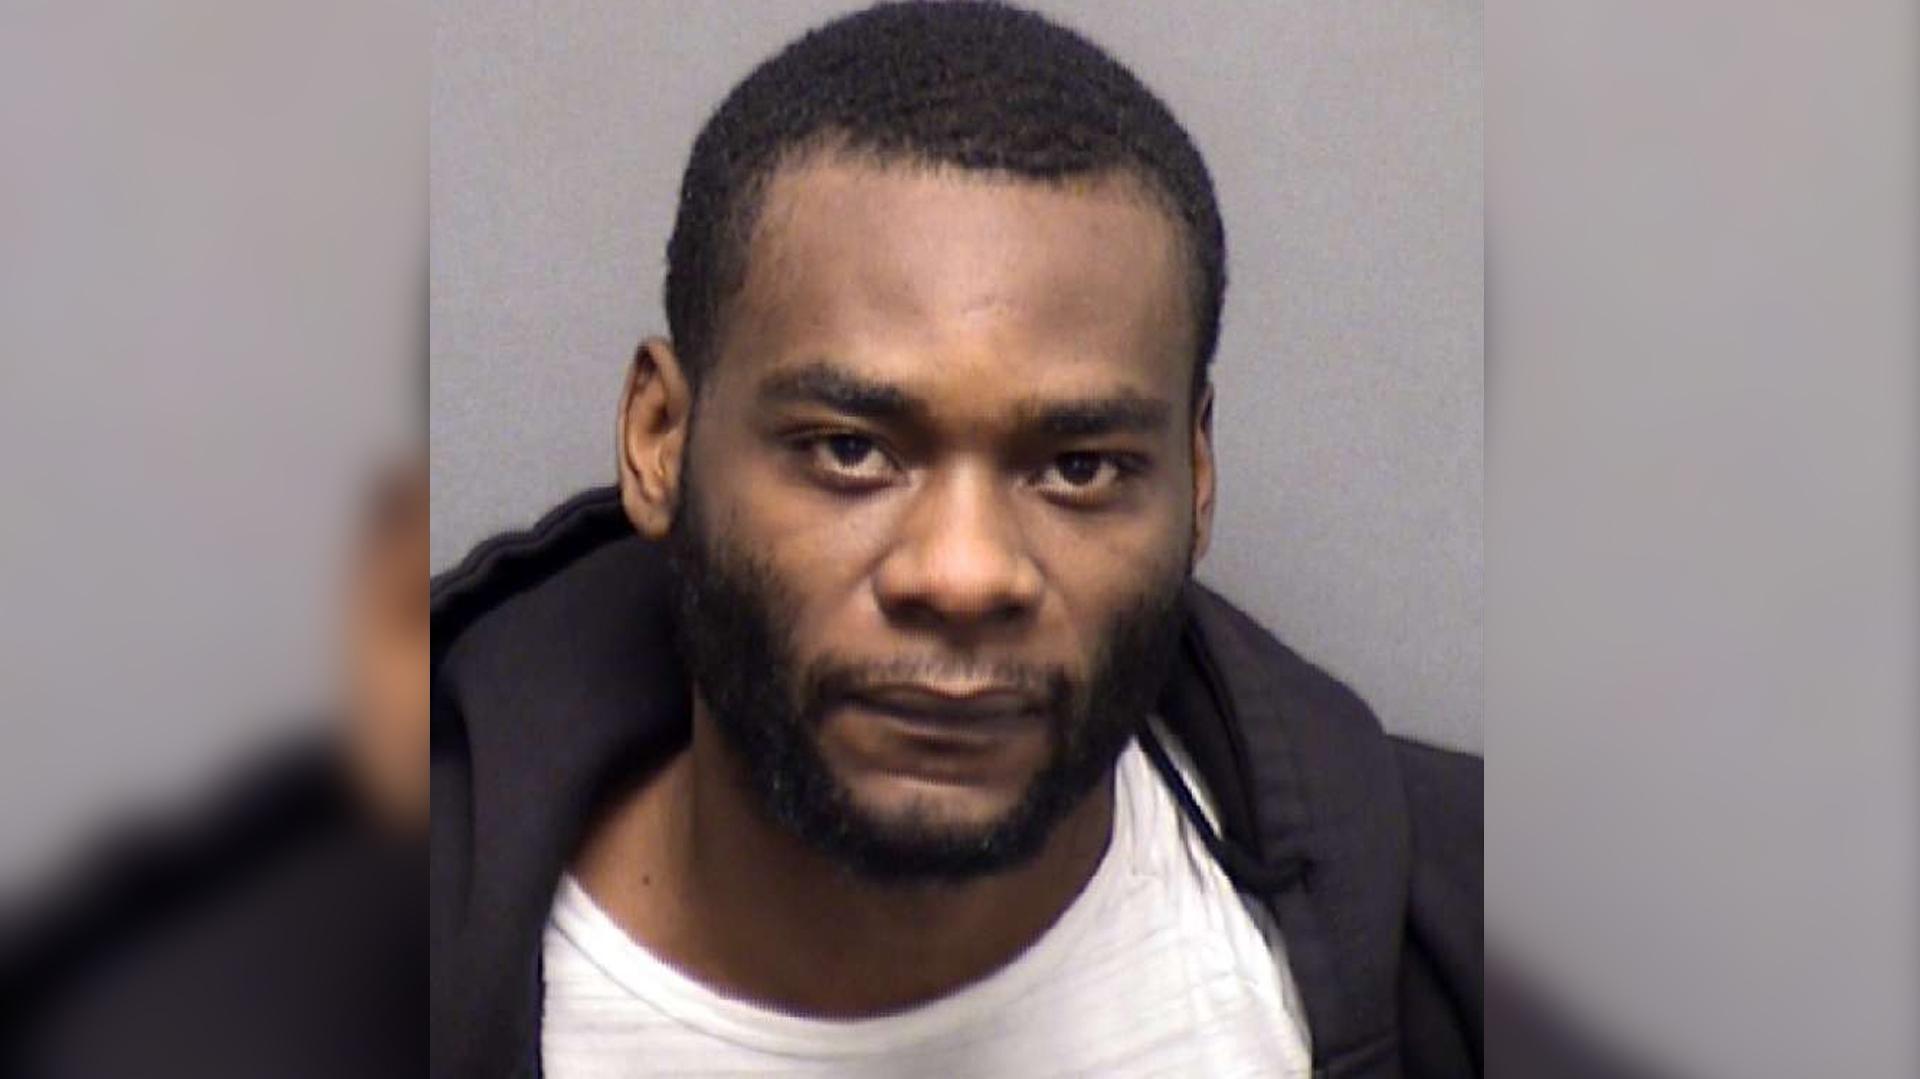 El hombre de 26 años fue acusado de agresión sexual agravada de un niño menor de 6 años, después de que admitió el crimen en durante una prueba de polígrafo(Foto: especial)